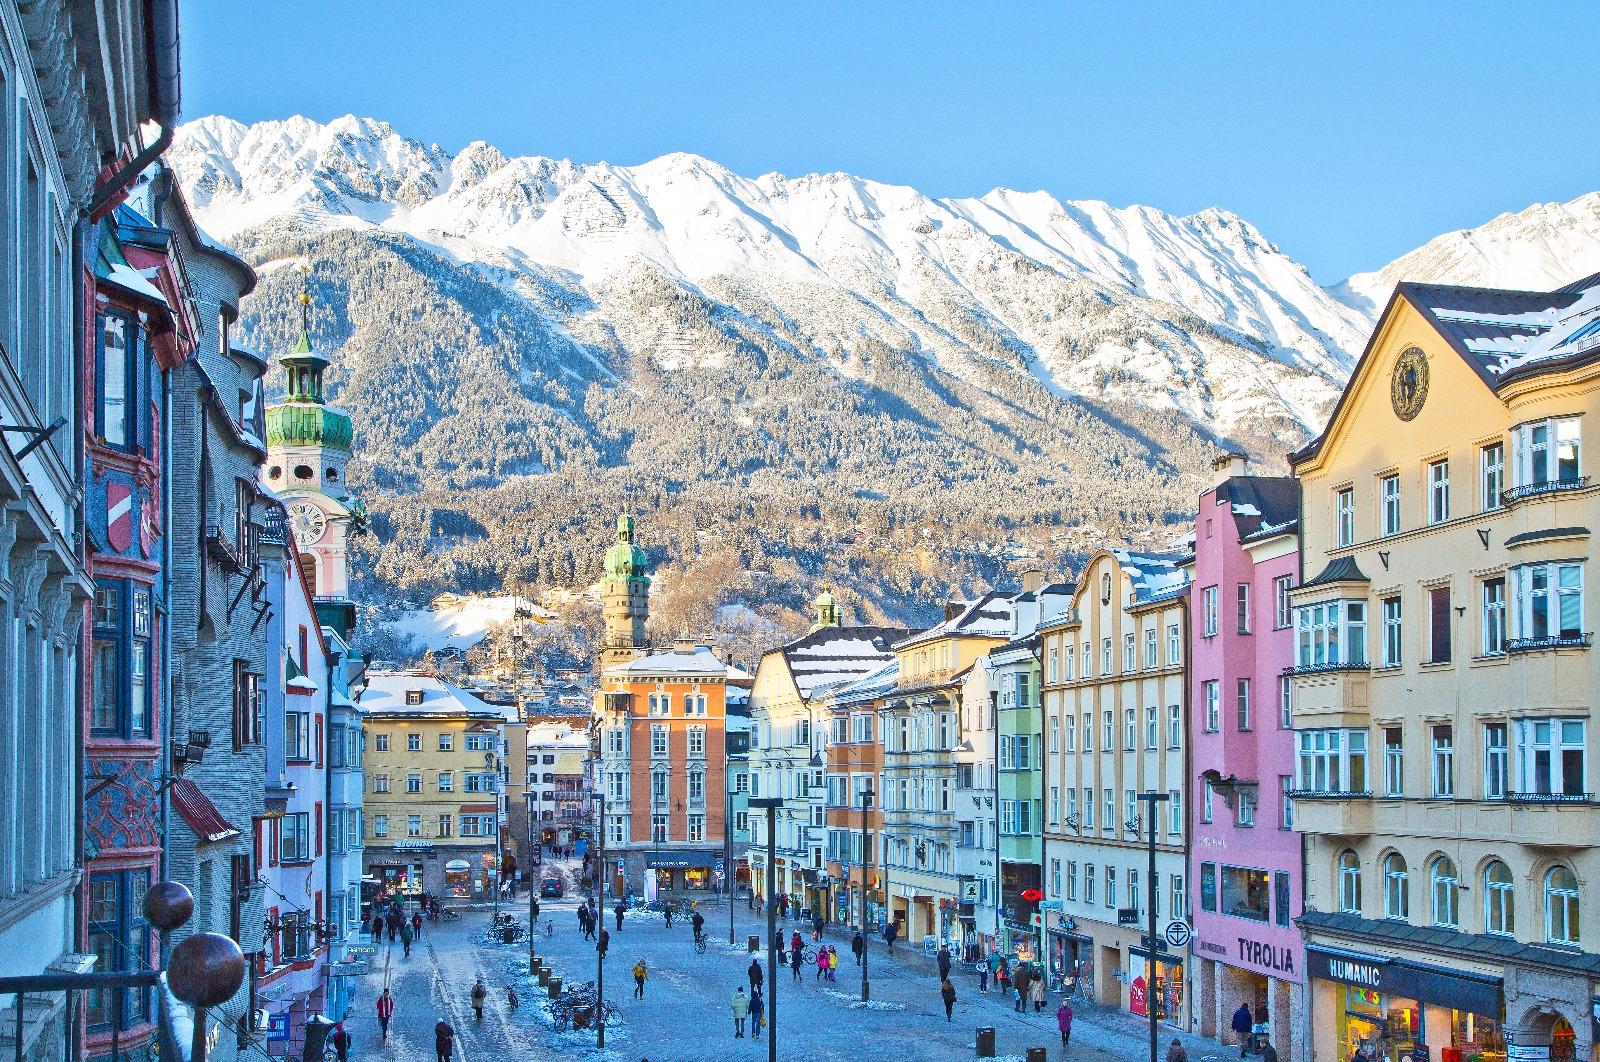 Innsbruck_Tourism - Innsbruck in Winter.jpeg